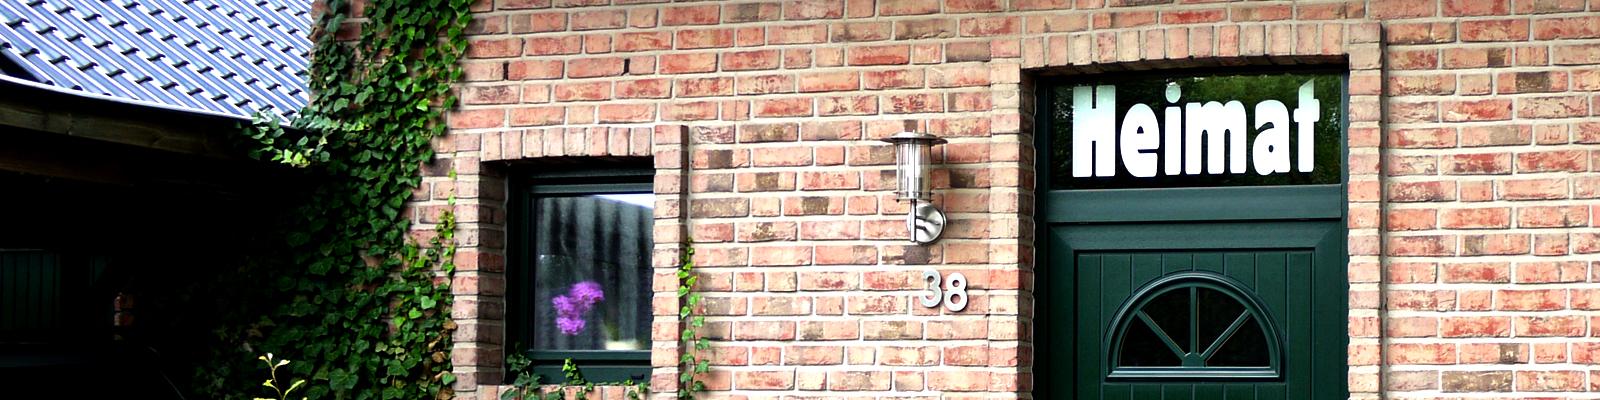 Im Fenster einer Haustür steht Heimat